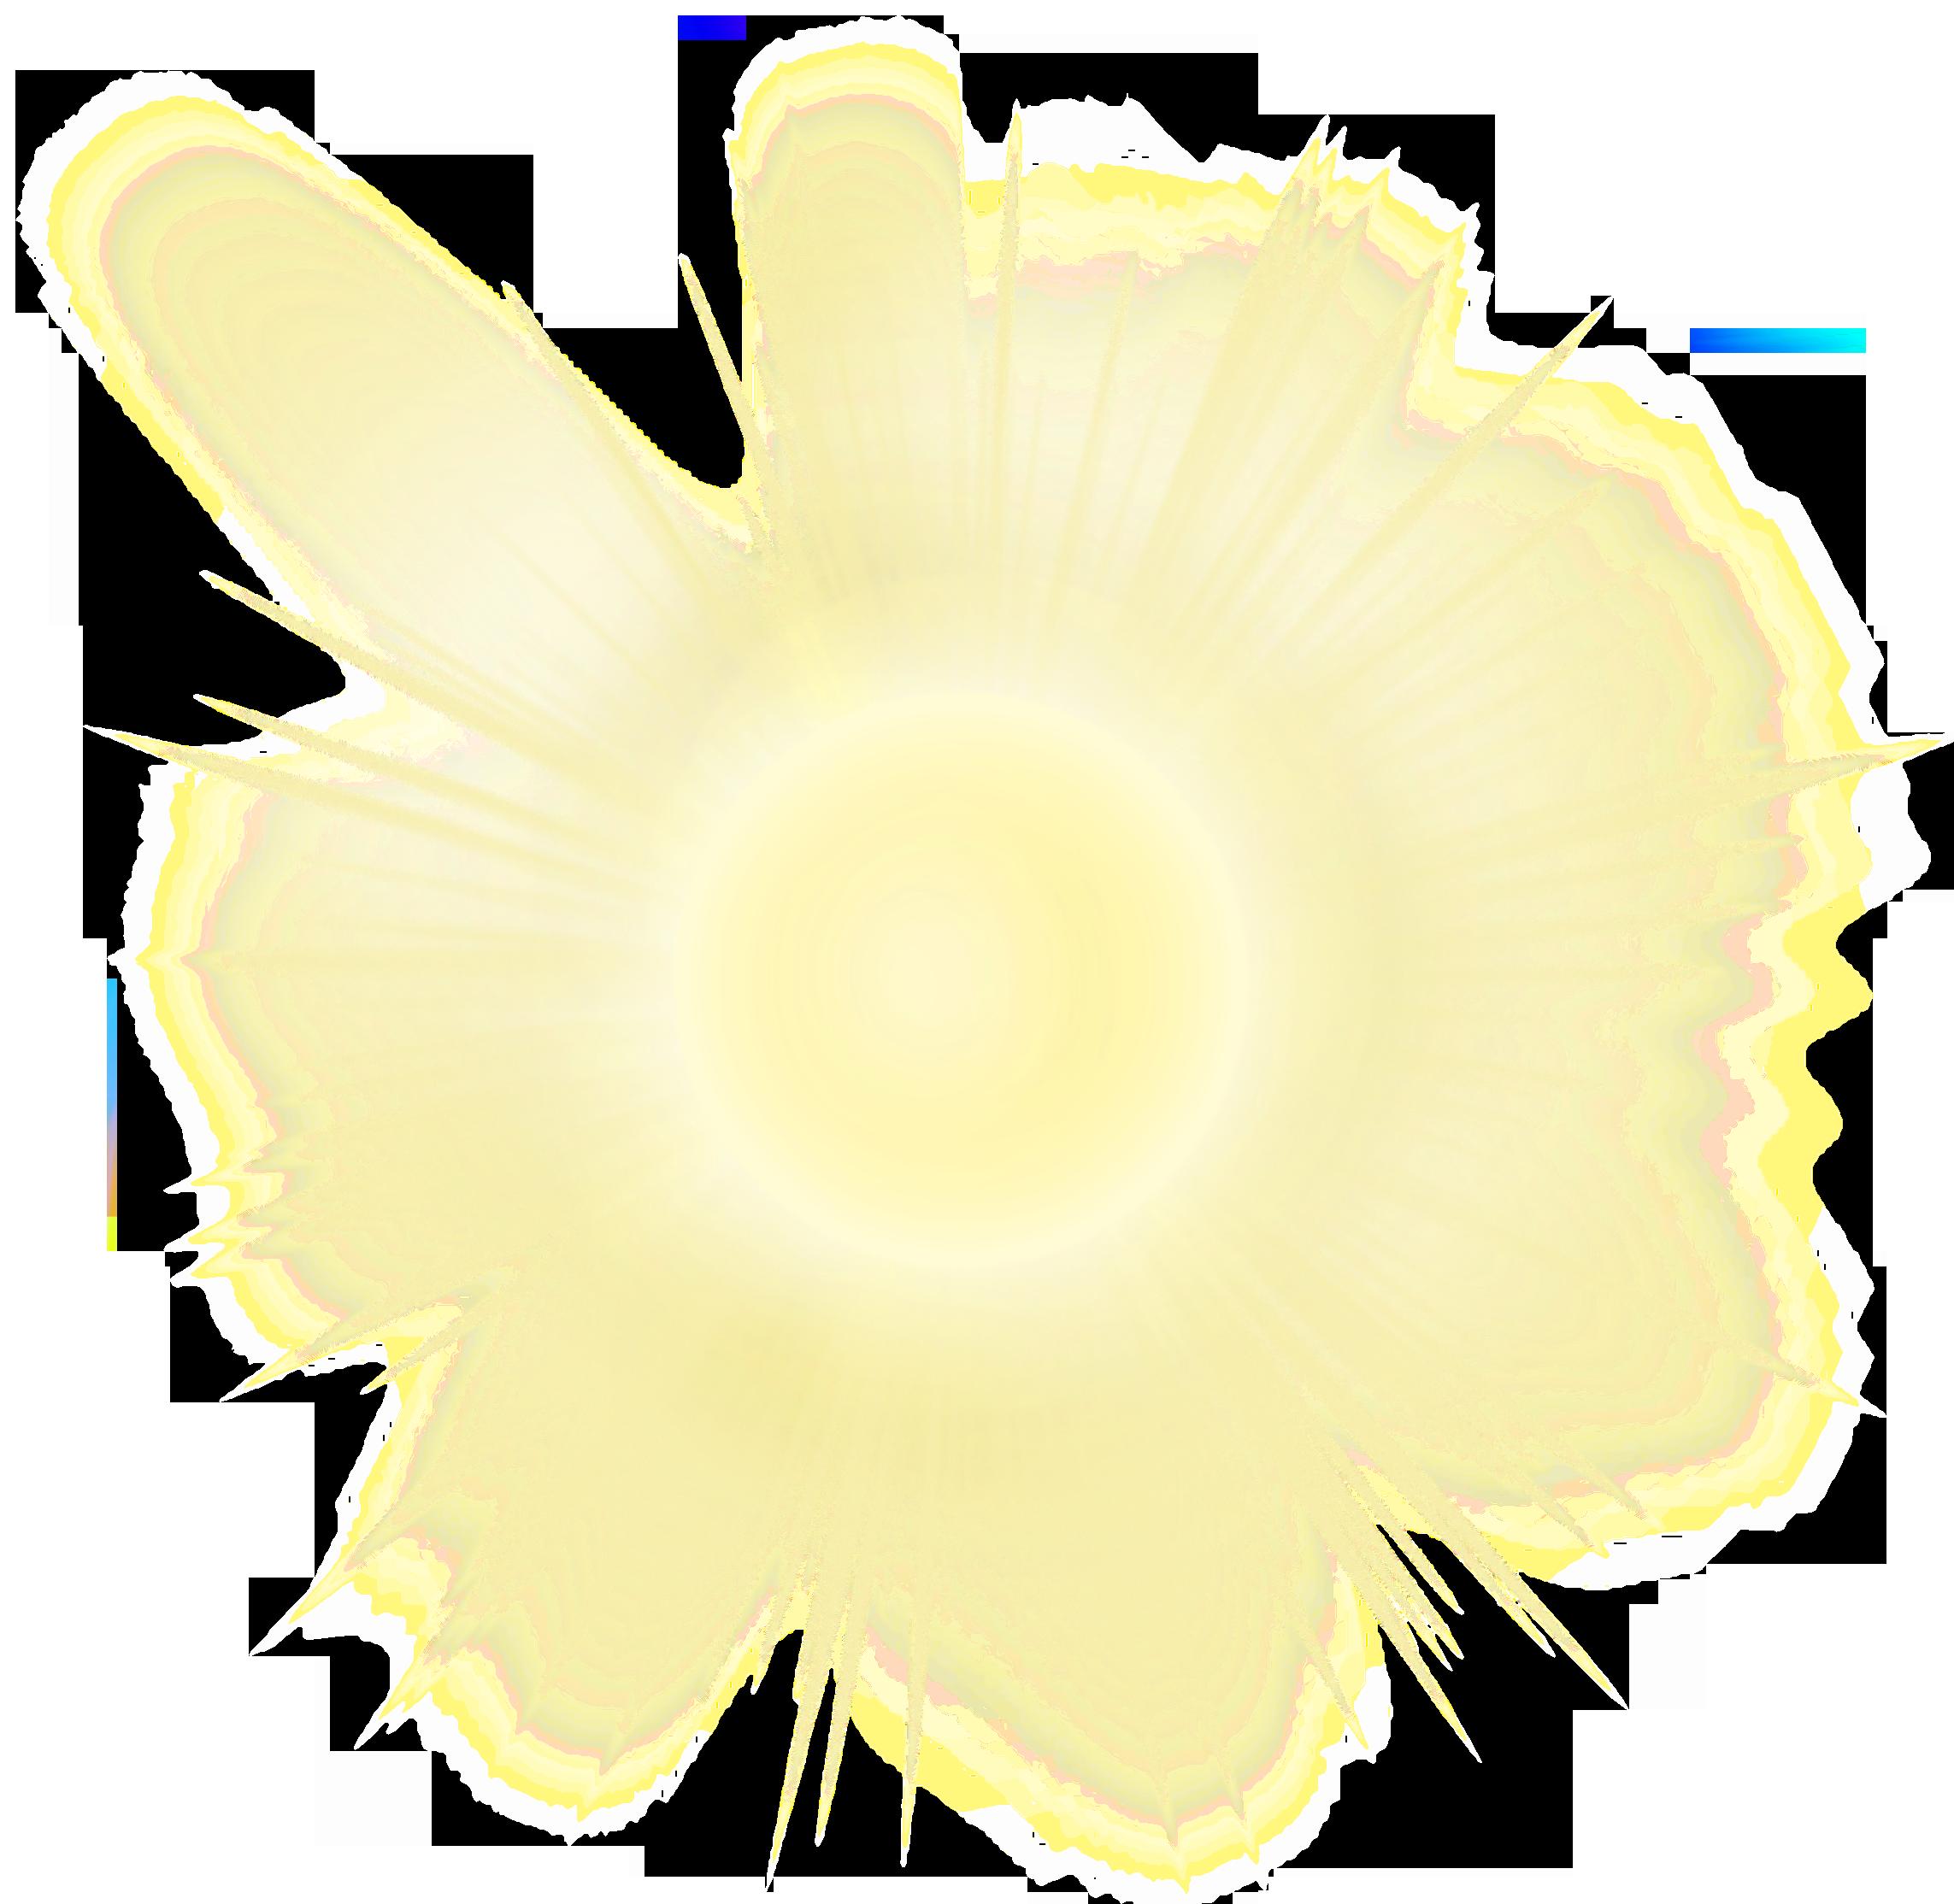 Transparent Realistic Sun Png Clipart Photoshop Por Do Sol